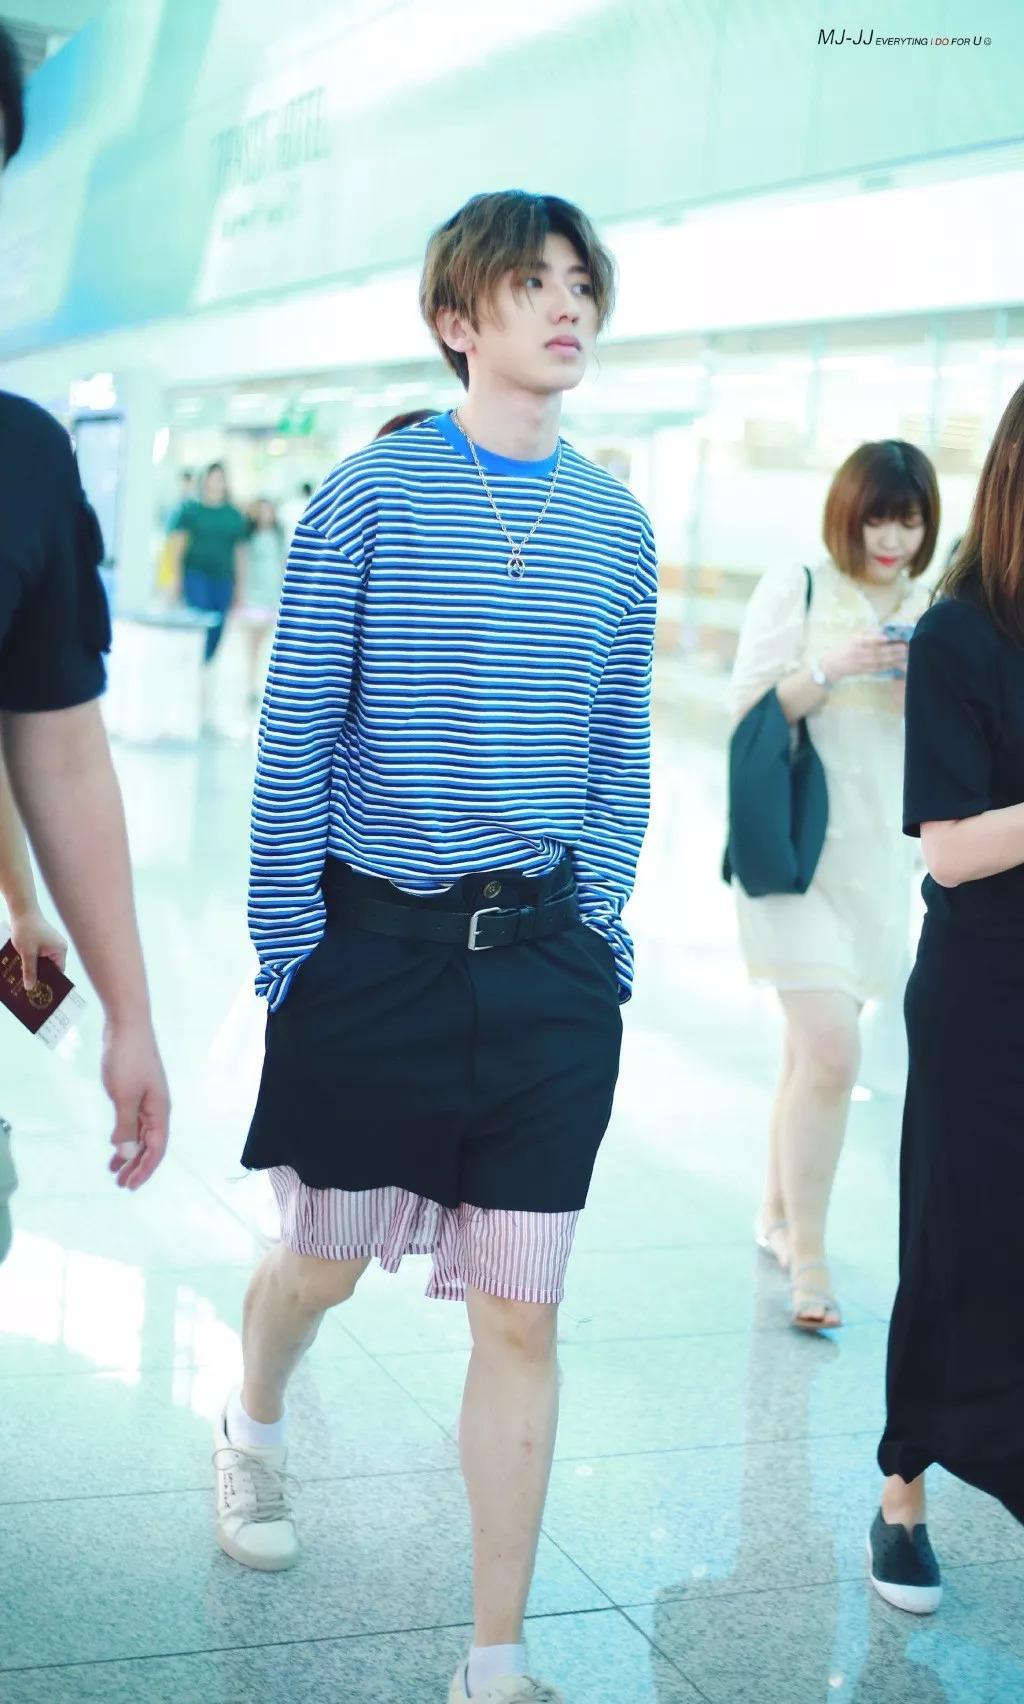 穿短裤时:王俊凯搭配裙子,千玺露出腰带,蔡徐坤这是穿错了吗